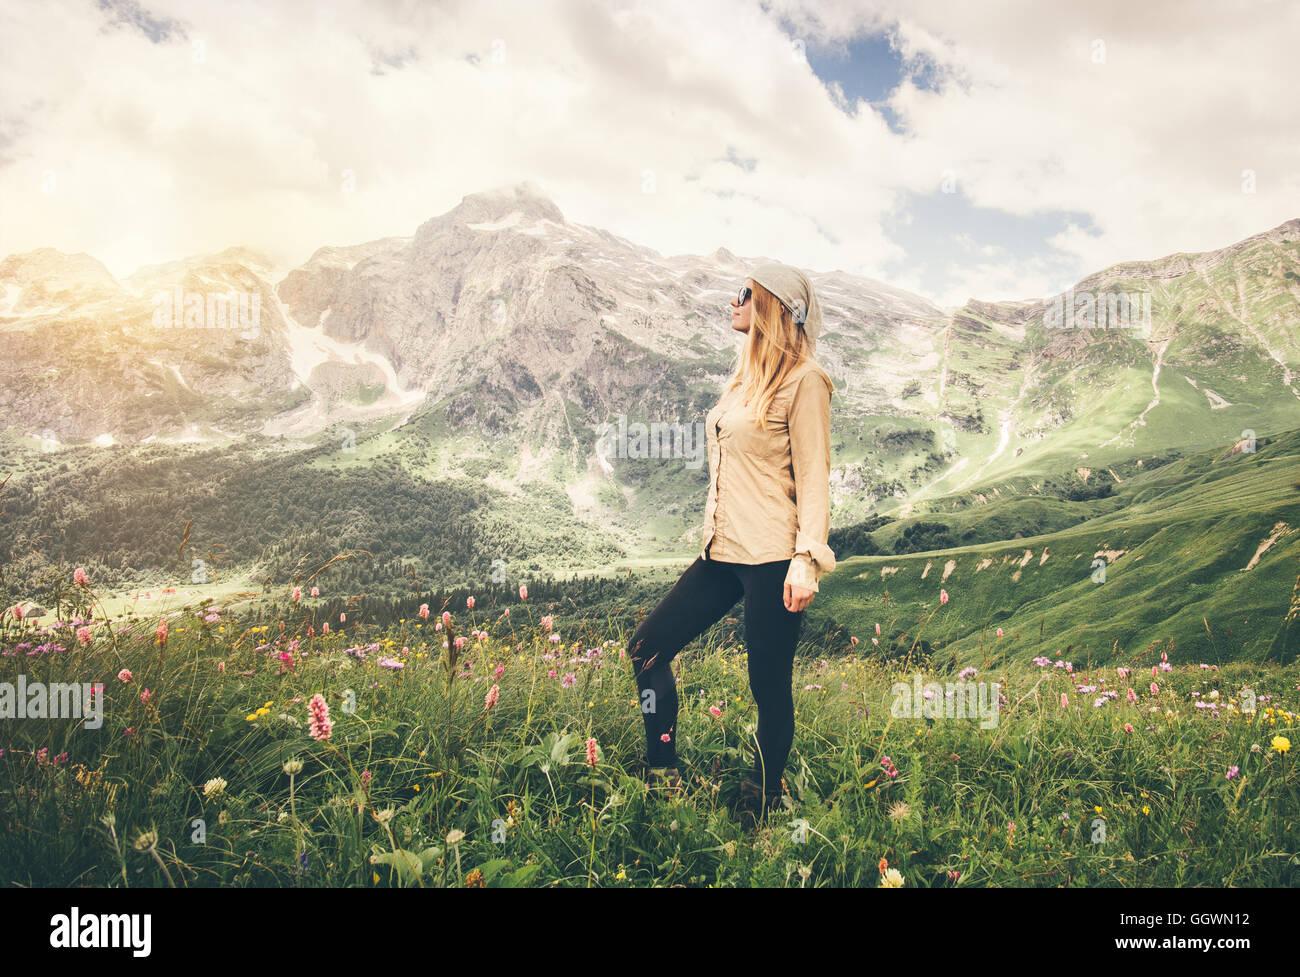 Junge Frau zu Fuß Reisen Lifestyle-Konzept Sommer Urlaub im freien Rocky Mountains im Hintergrund Stockbild